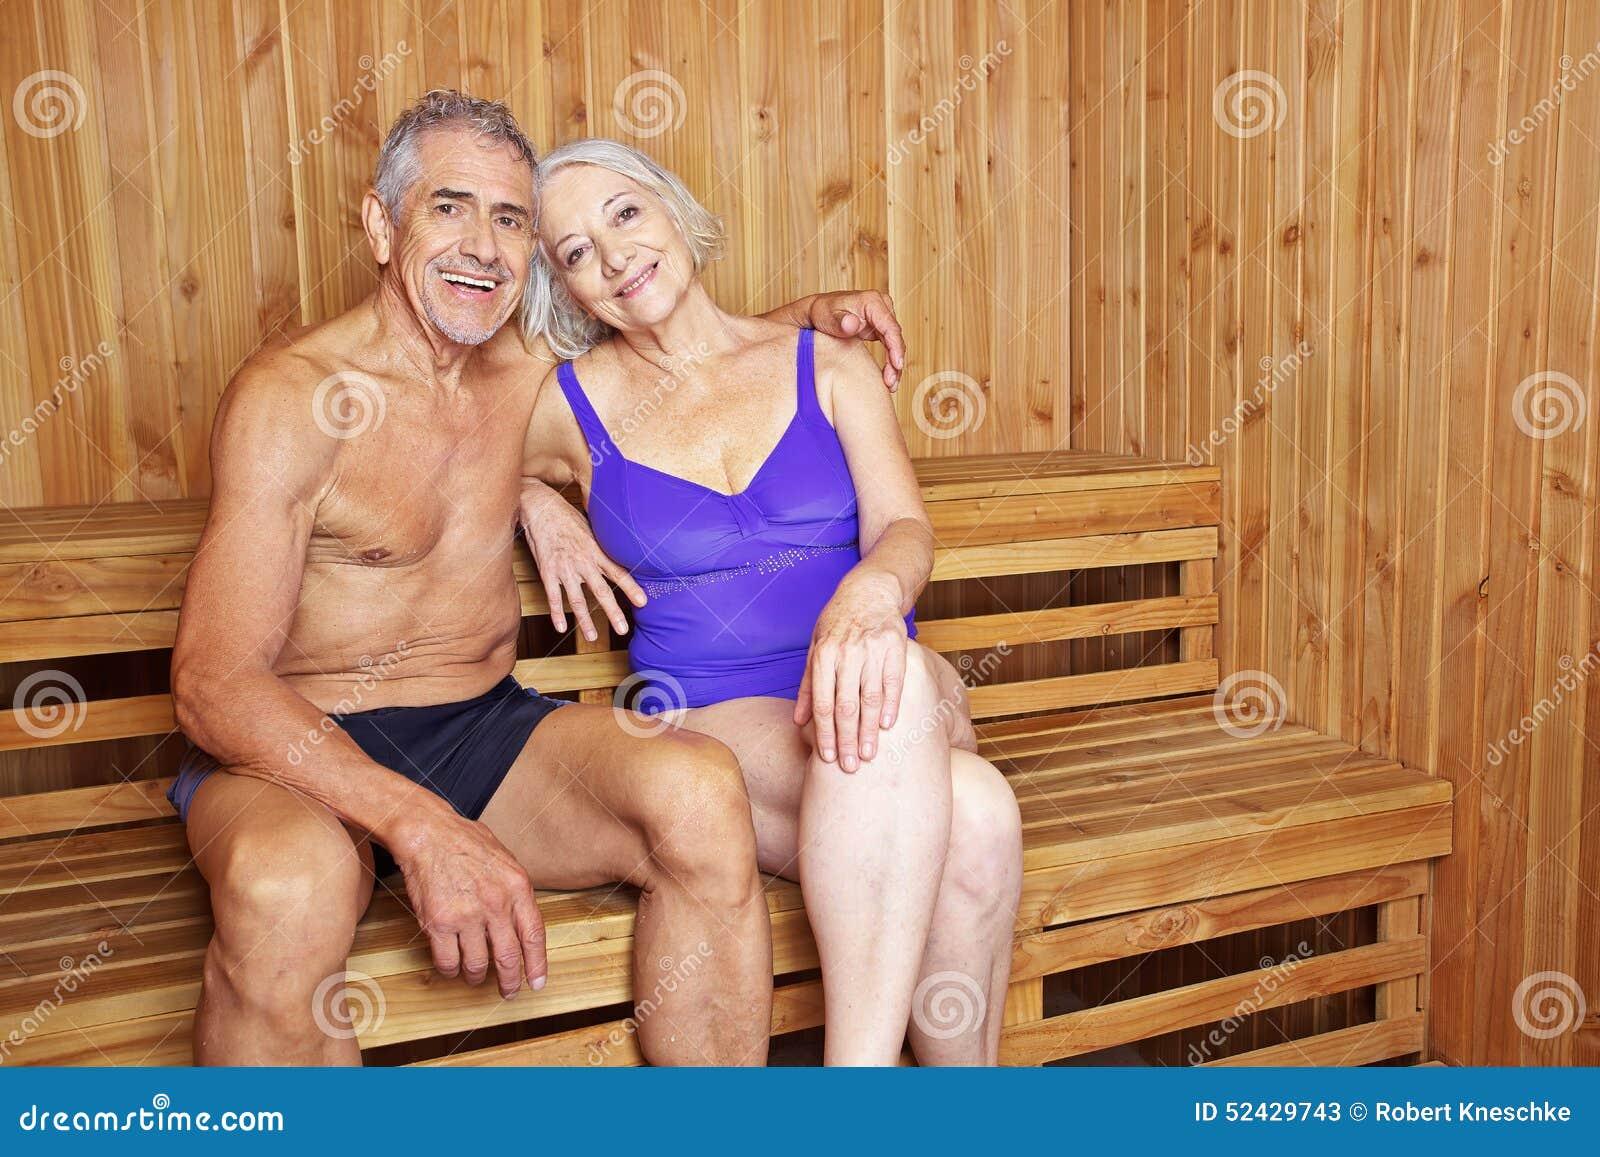 Старики хотят секс зарегистрировался